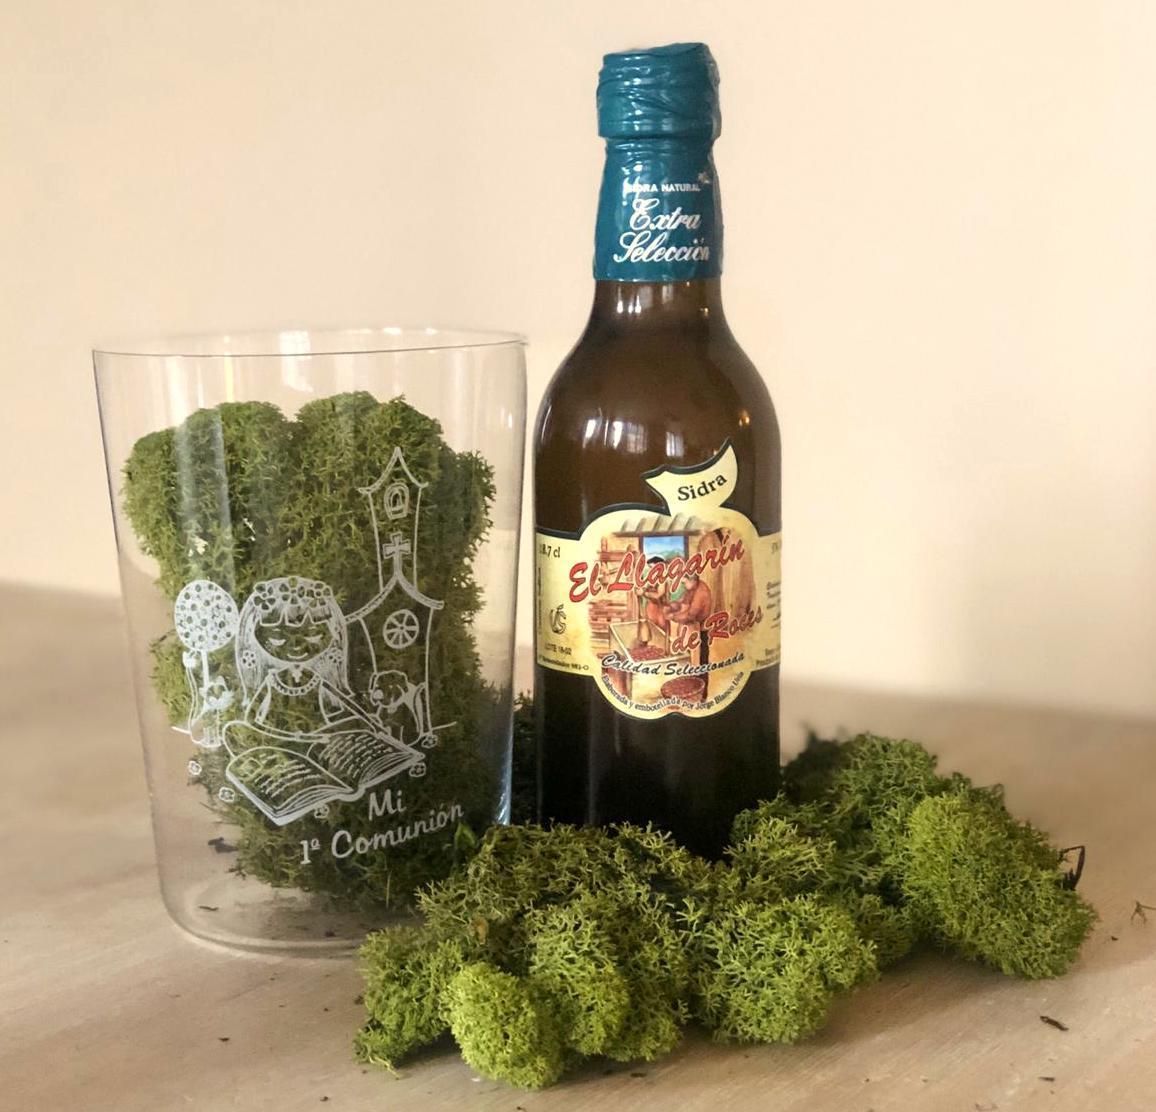 Vaso de Sidra Comunión Niña con Botella de Sidra Natural Llagarín